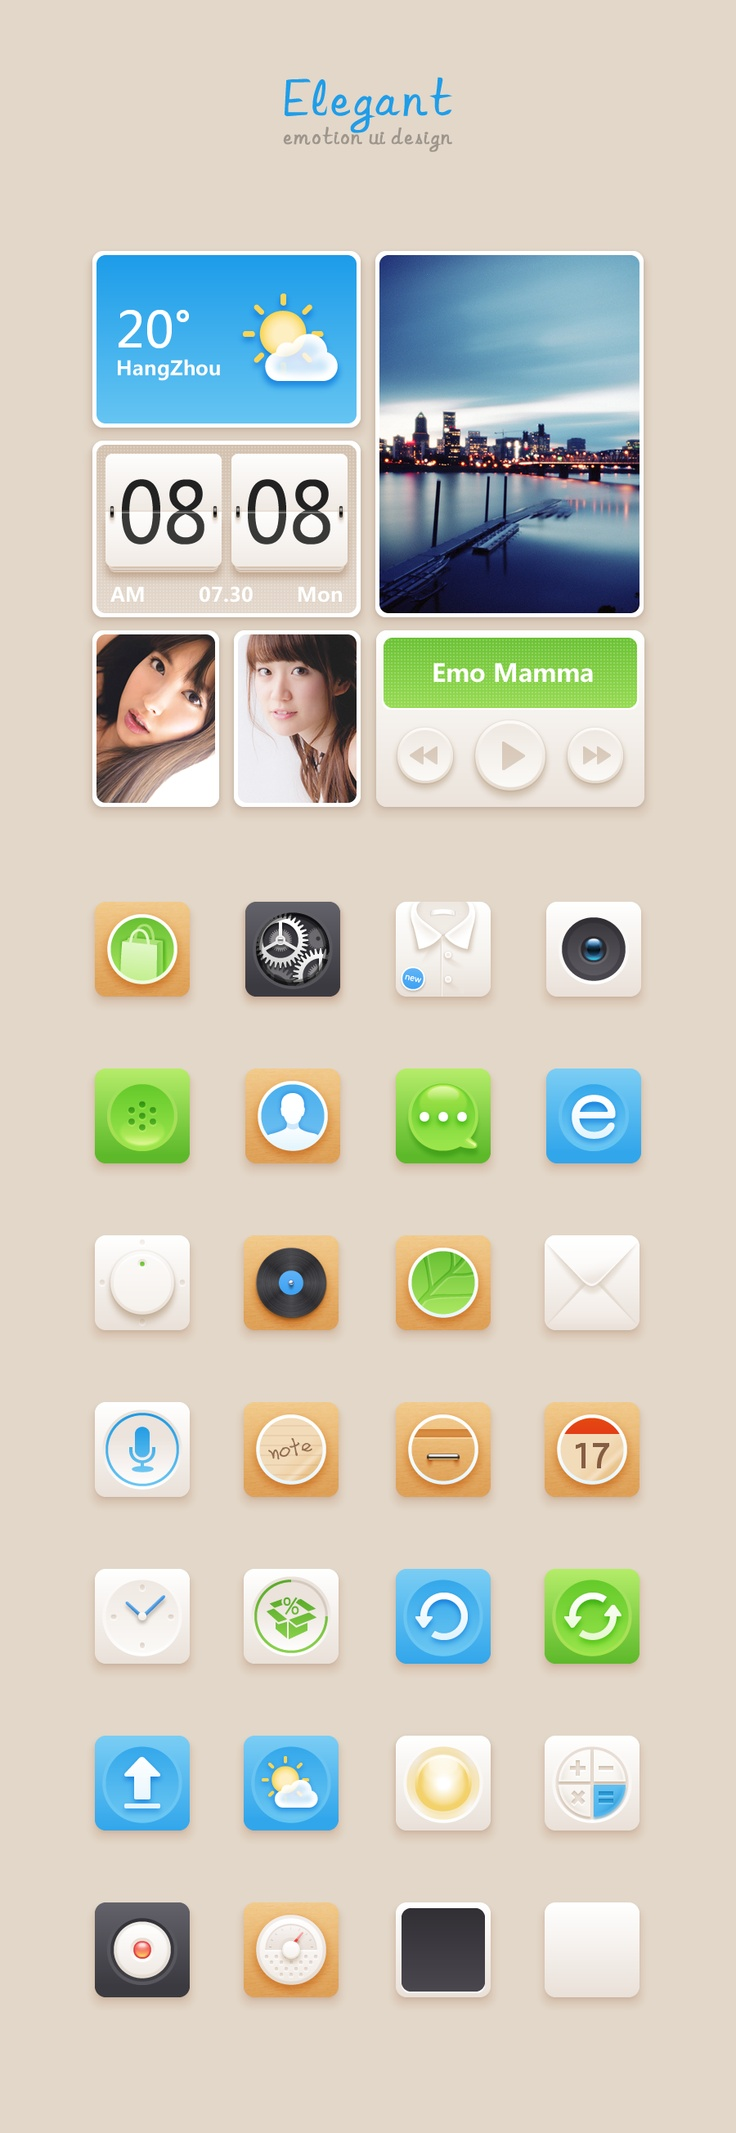 Elegant emotion ui design #ui